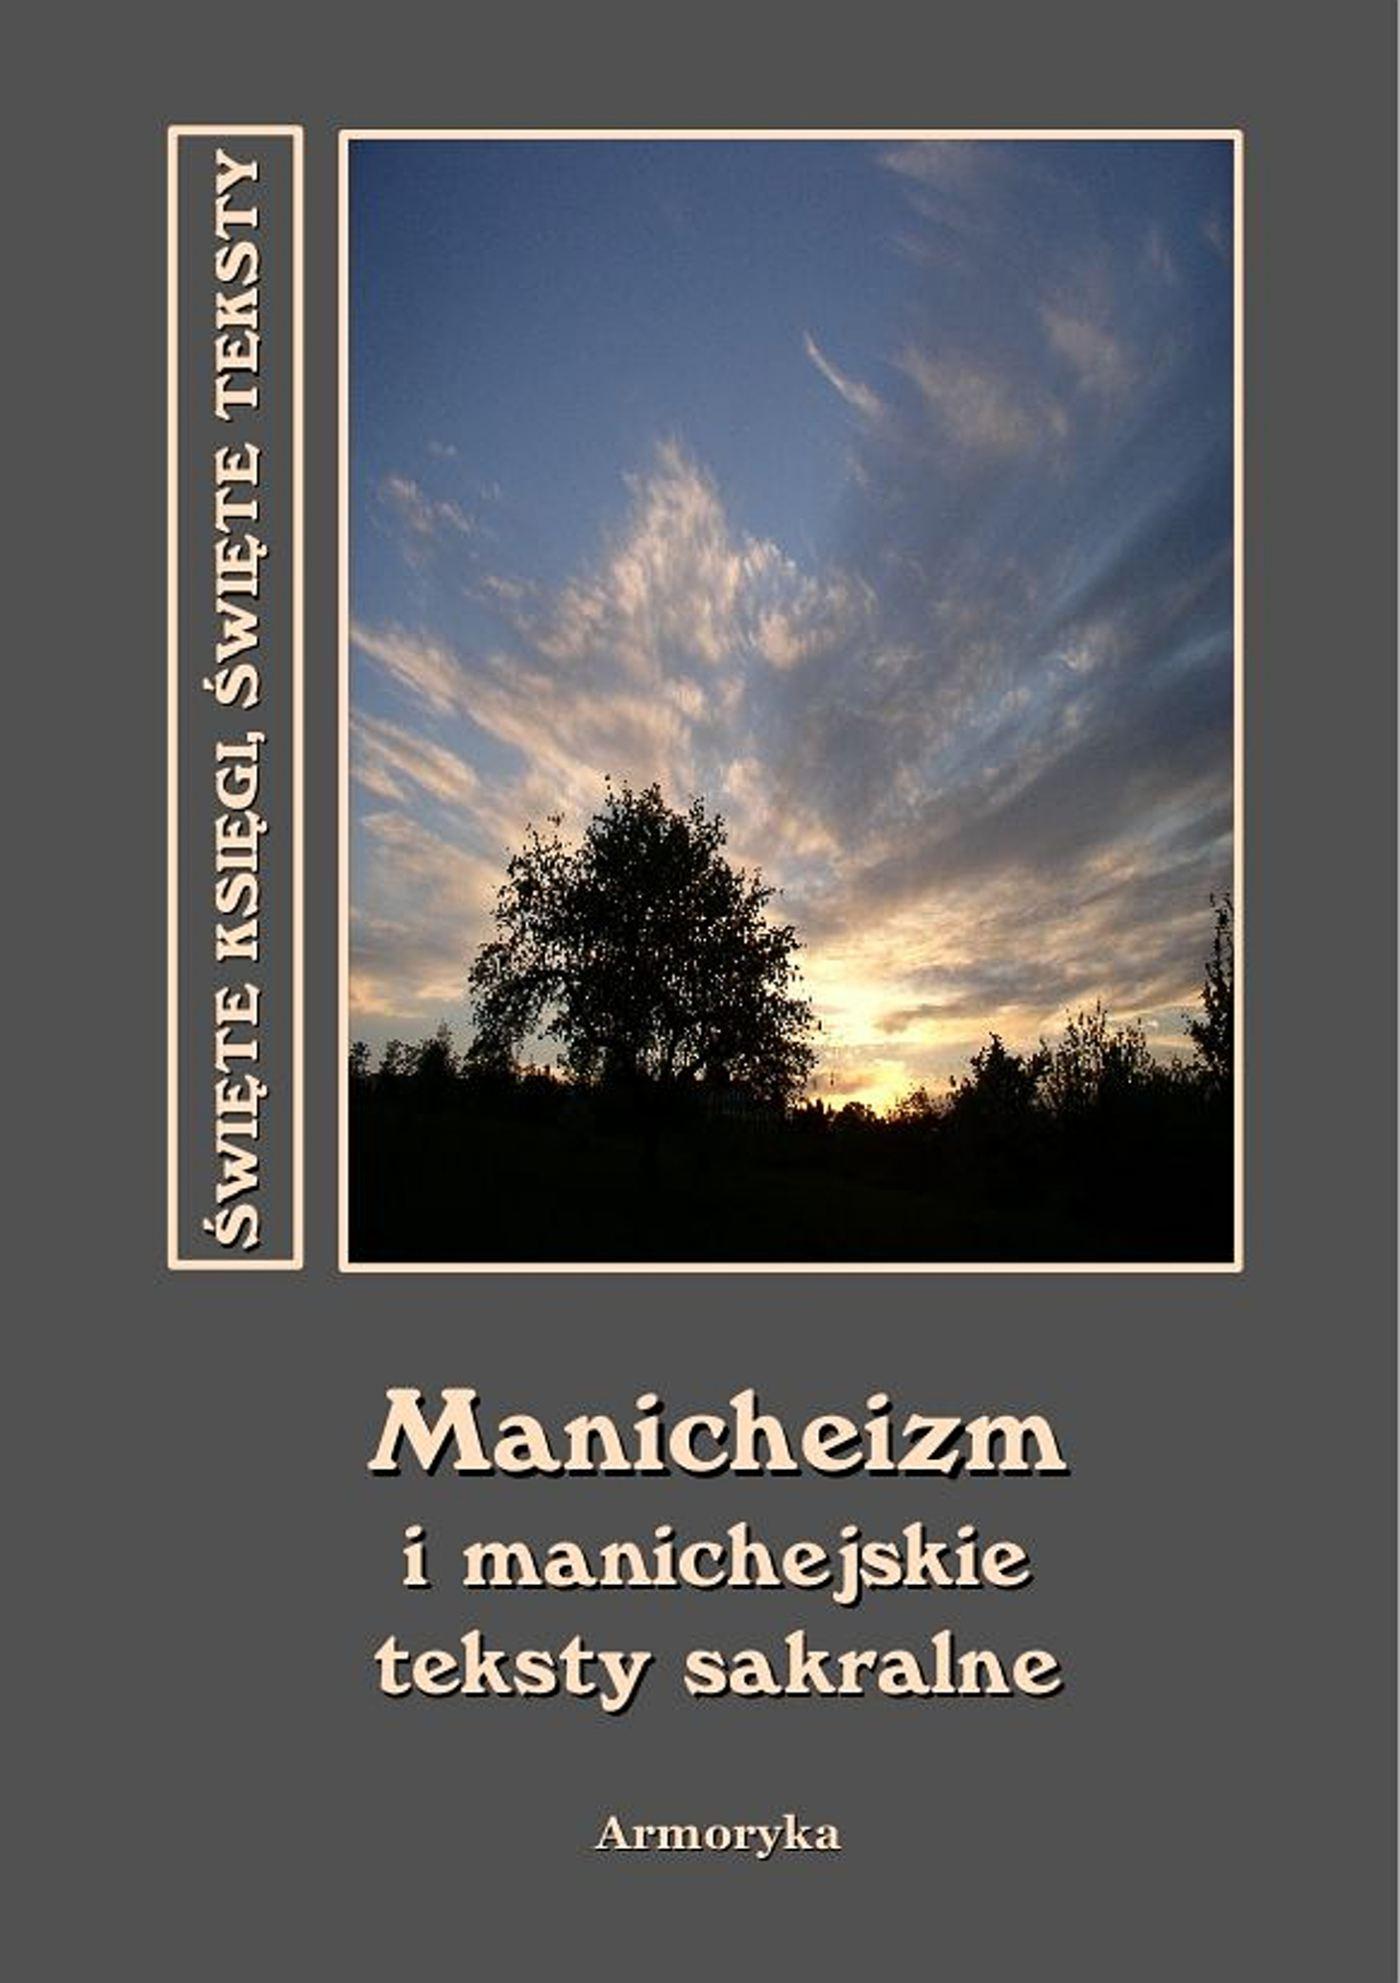 Manichejskie teksty sakralne - Ebook (Książka EPUB) do pobrania w formacie EPUB